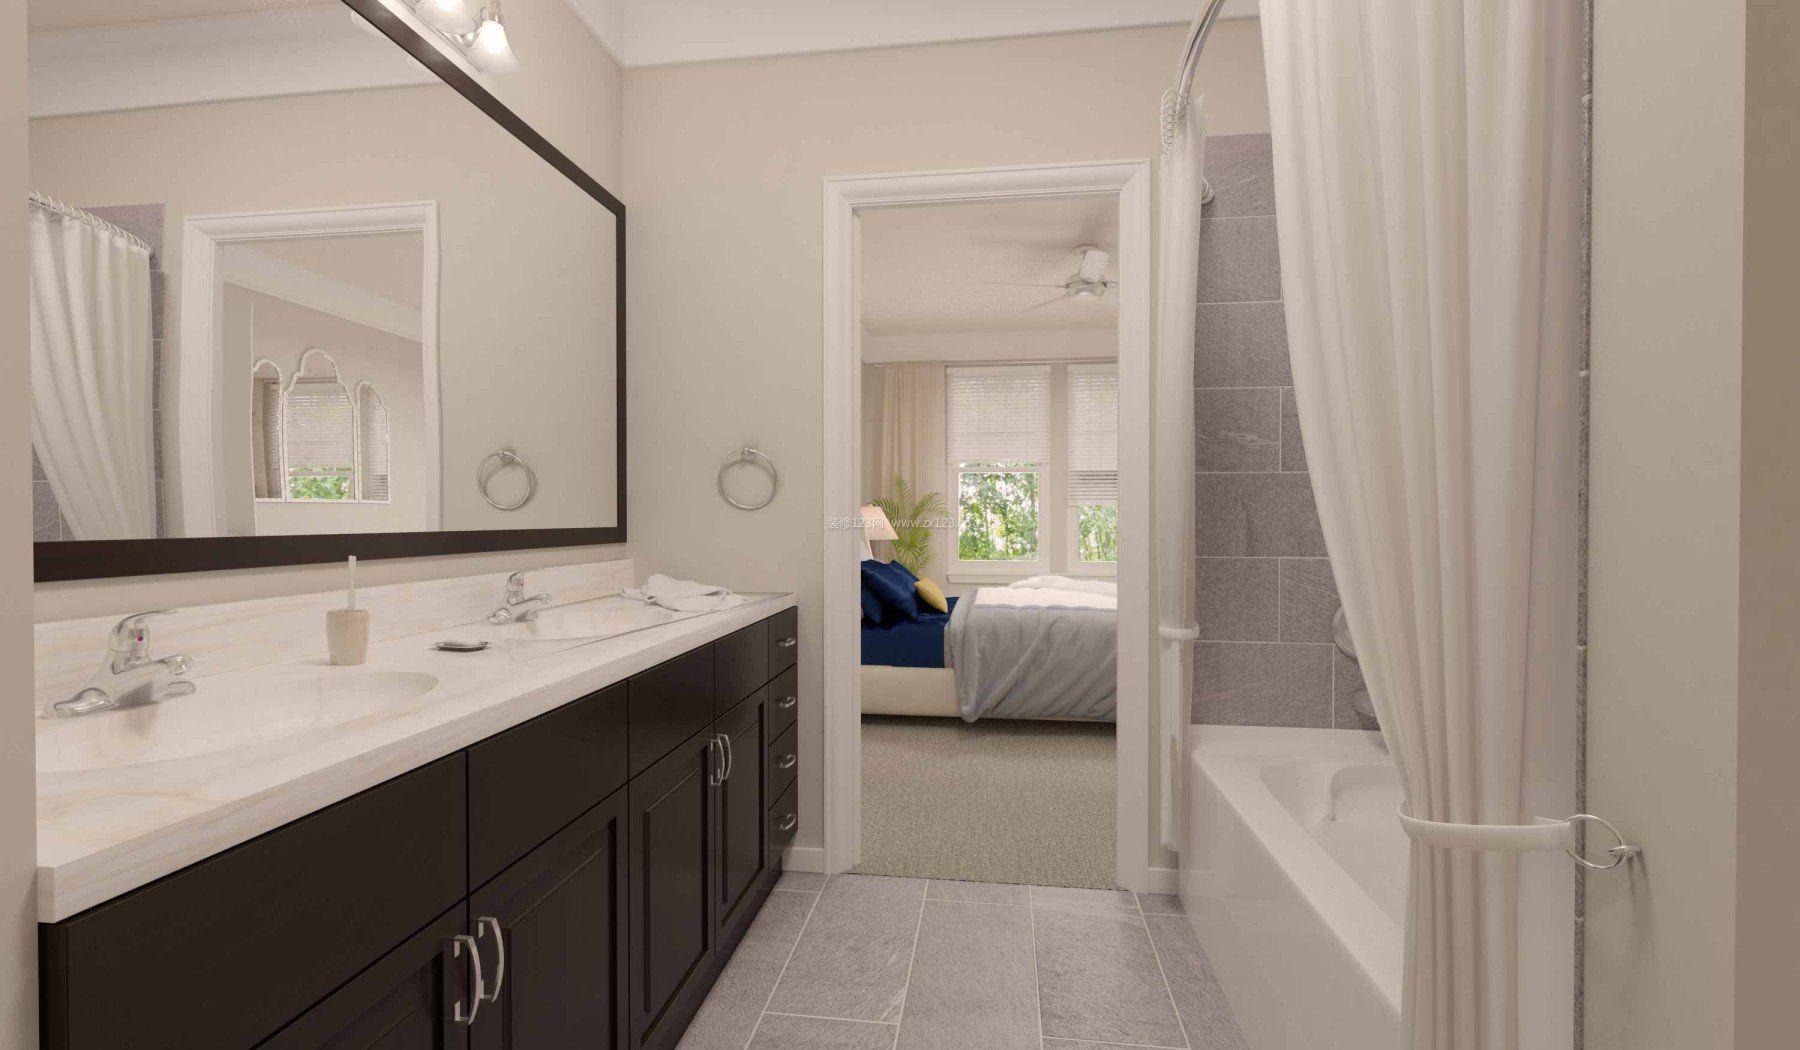 小卧室卫生间瓷砖装修效果图图片